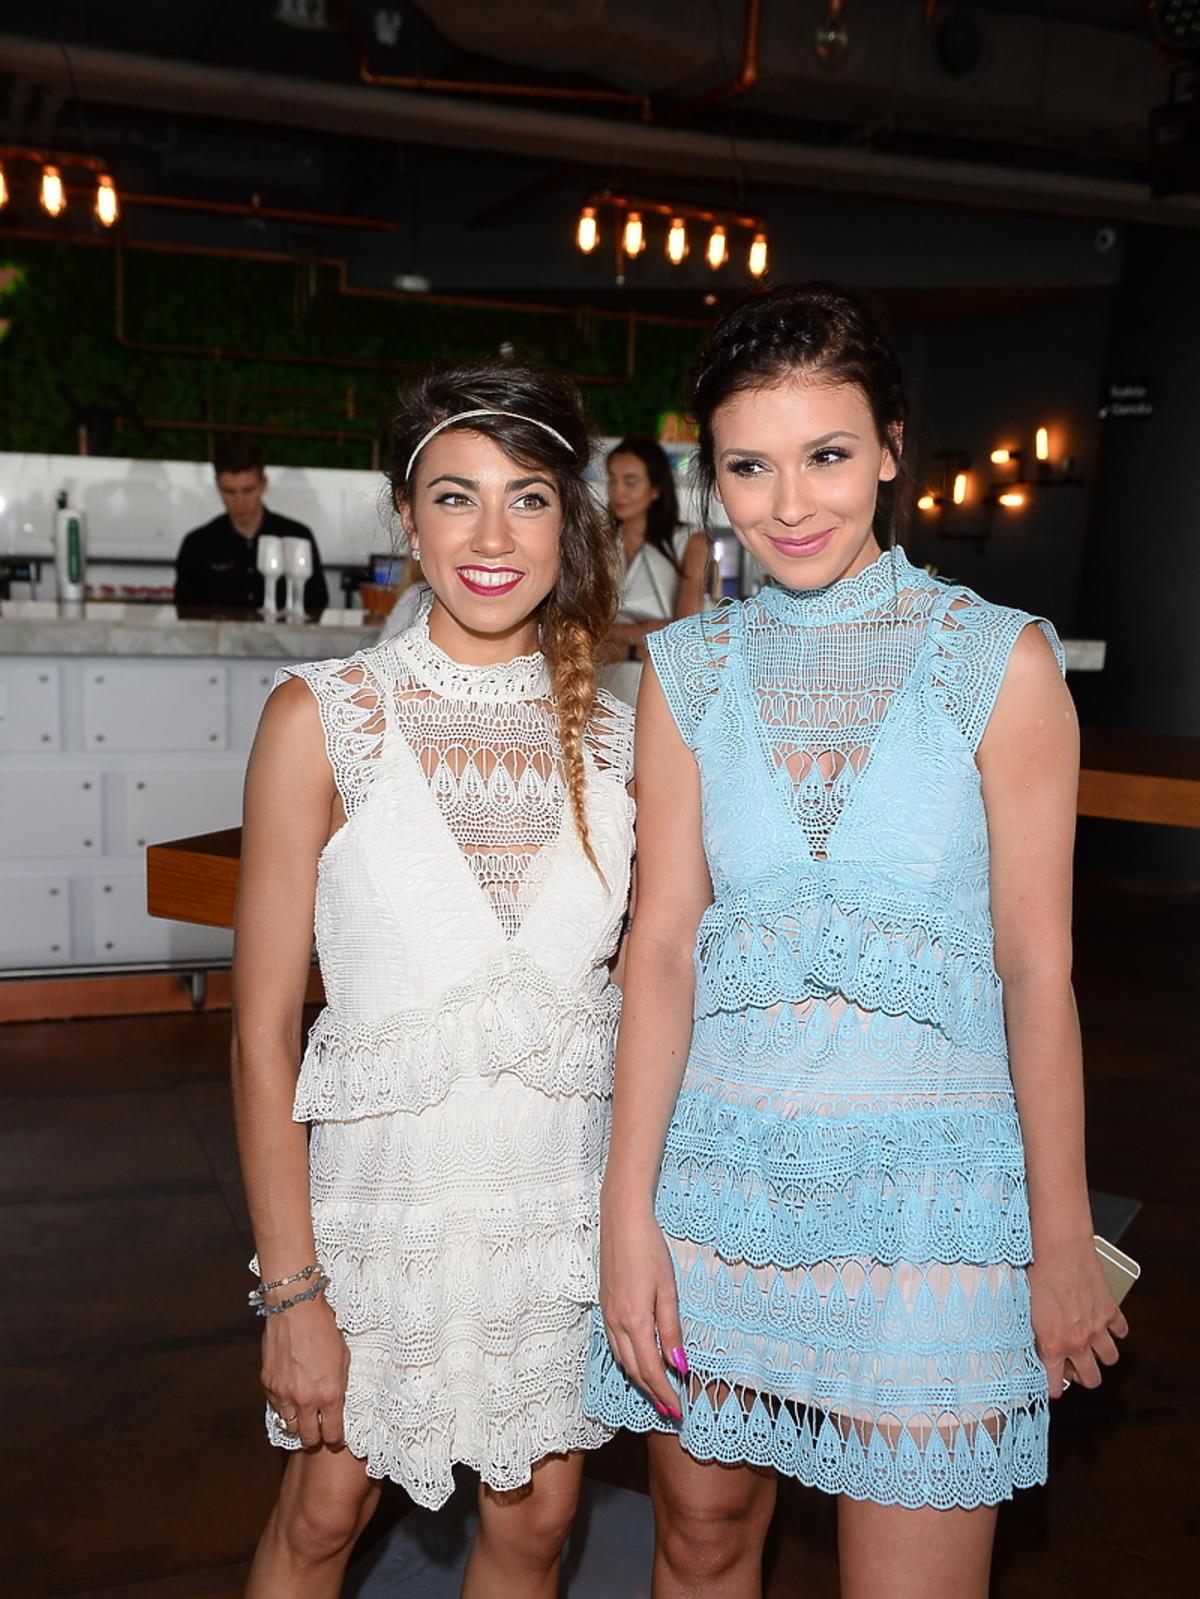 Maja Hyży i Klaudia Halejcio w identycznych sukienkach